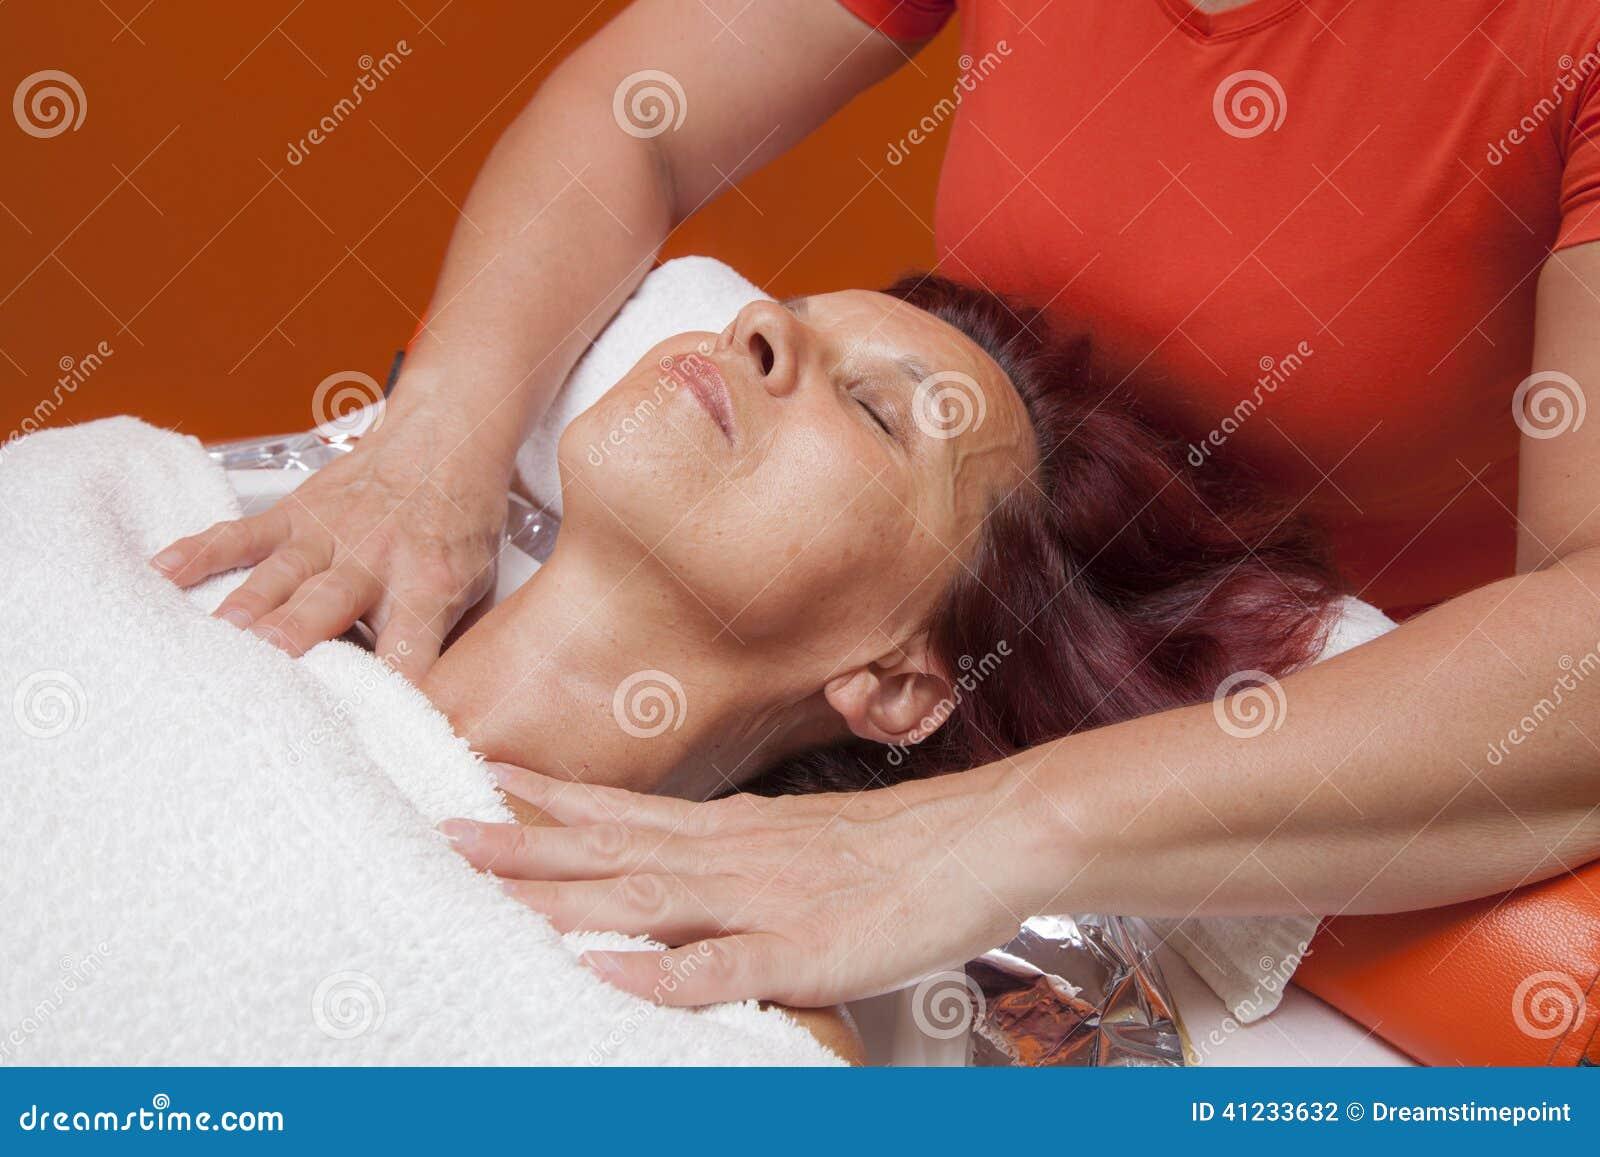 7 card no peek winning hands massage & cupping